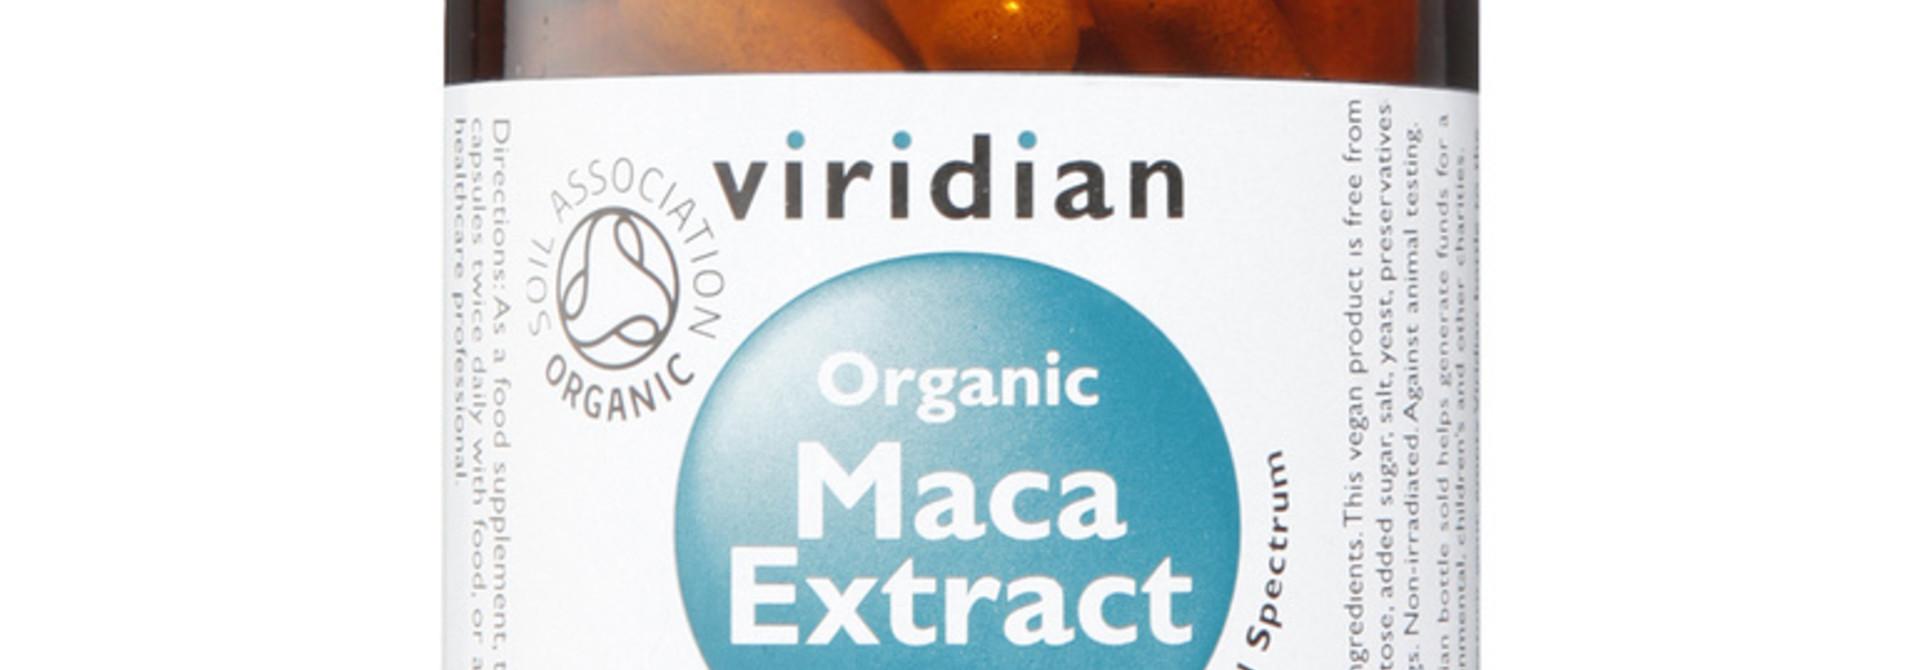 Nieuw: Viridian, zuiver voor je gezondheid